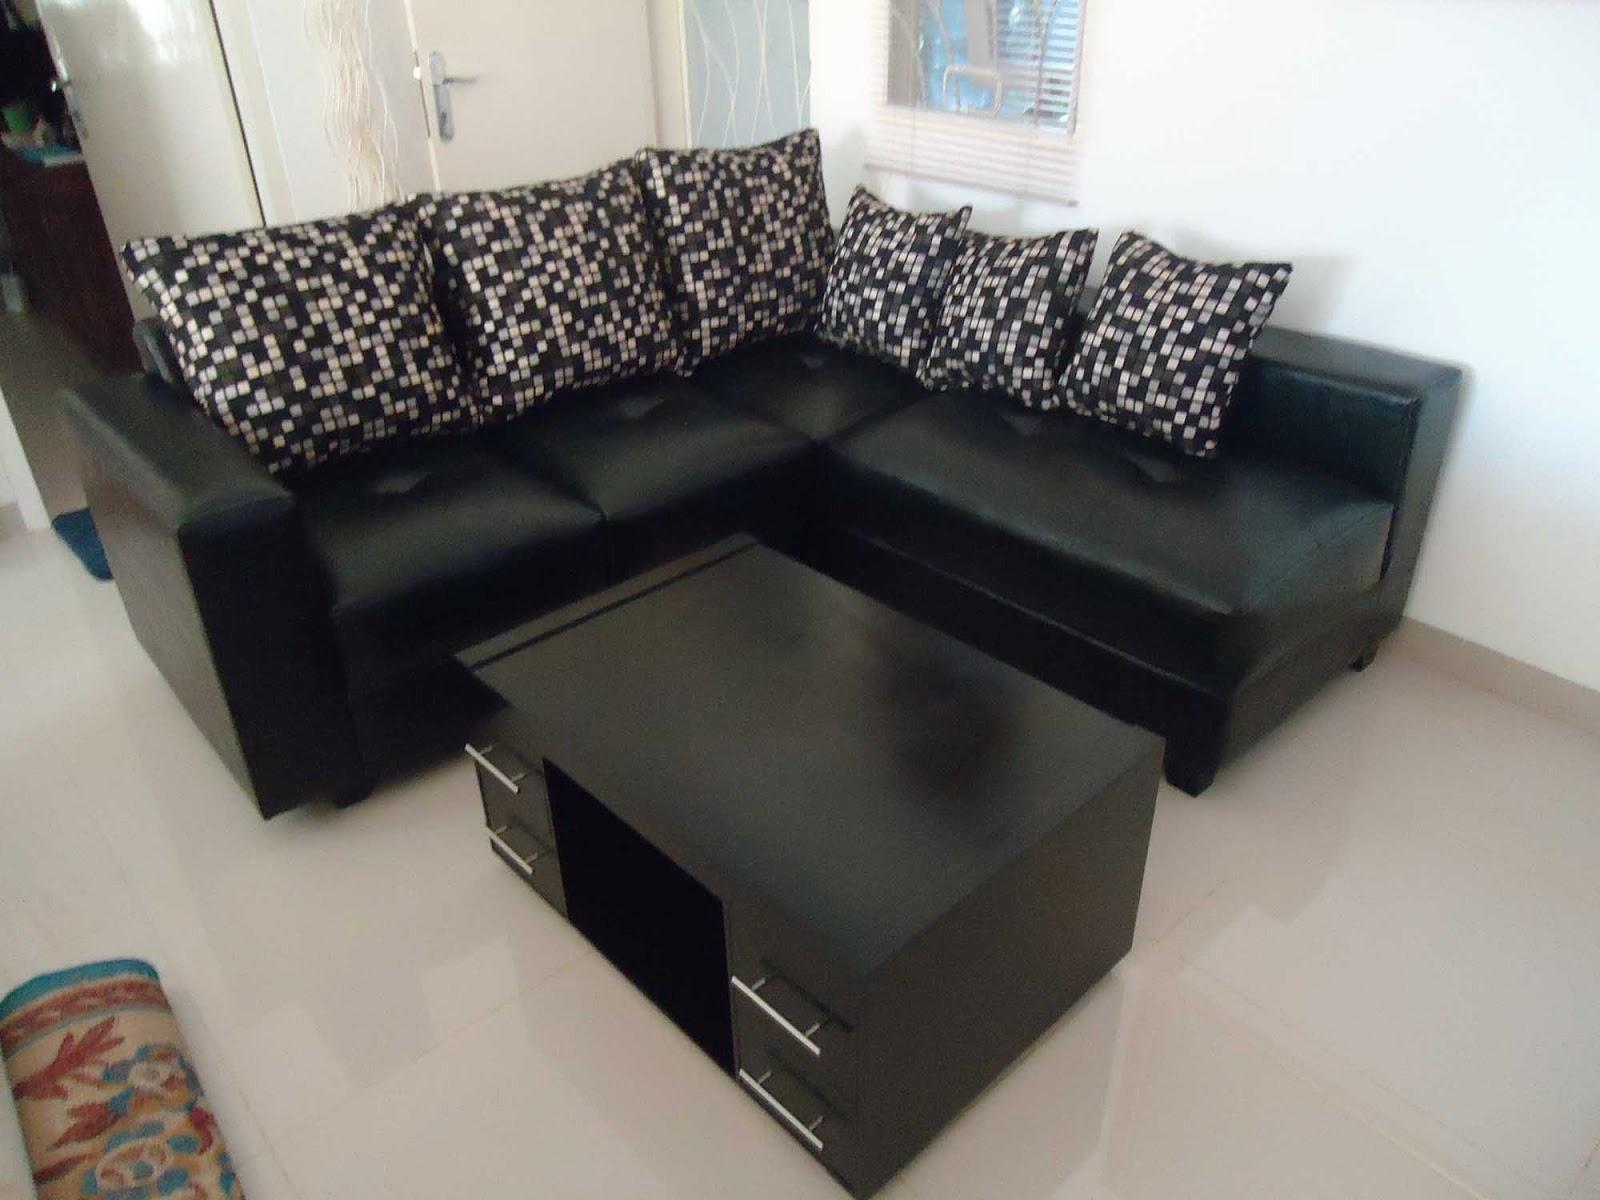 Jual Sofa Bed Minimalis Murah Wwwstkittsvillacom